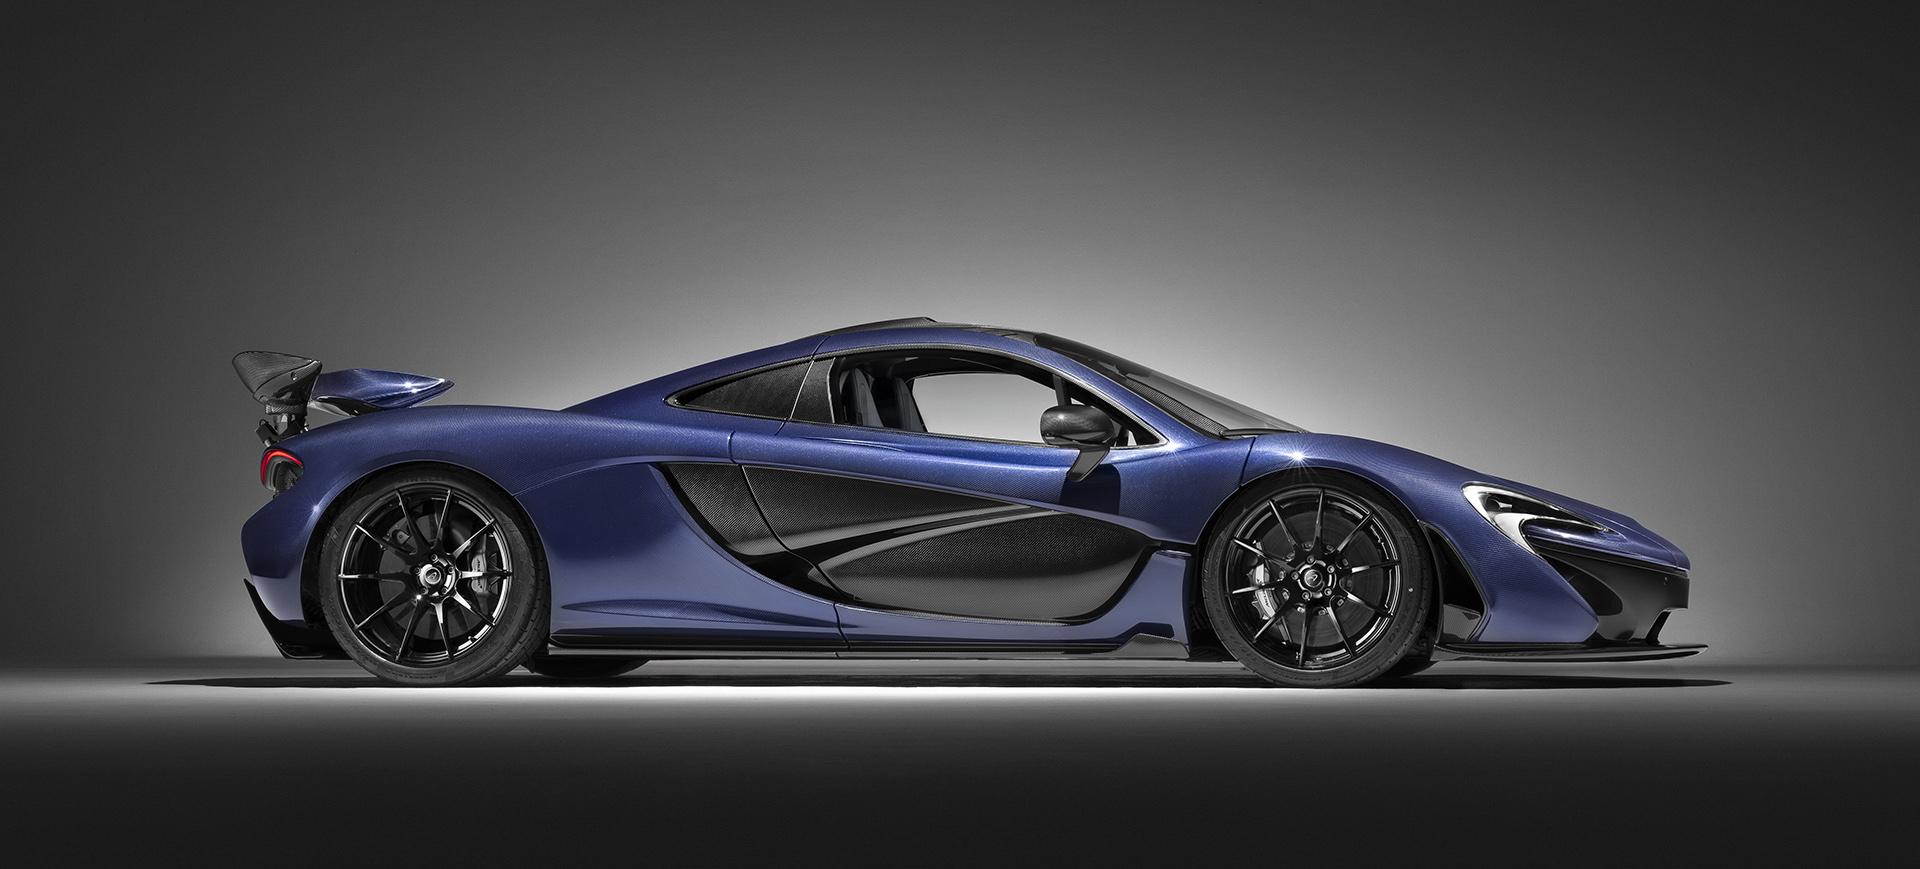 McLaren P1: la hypercar posh.